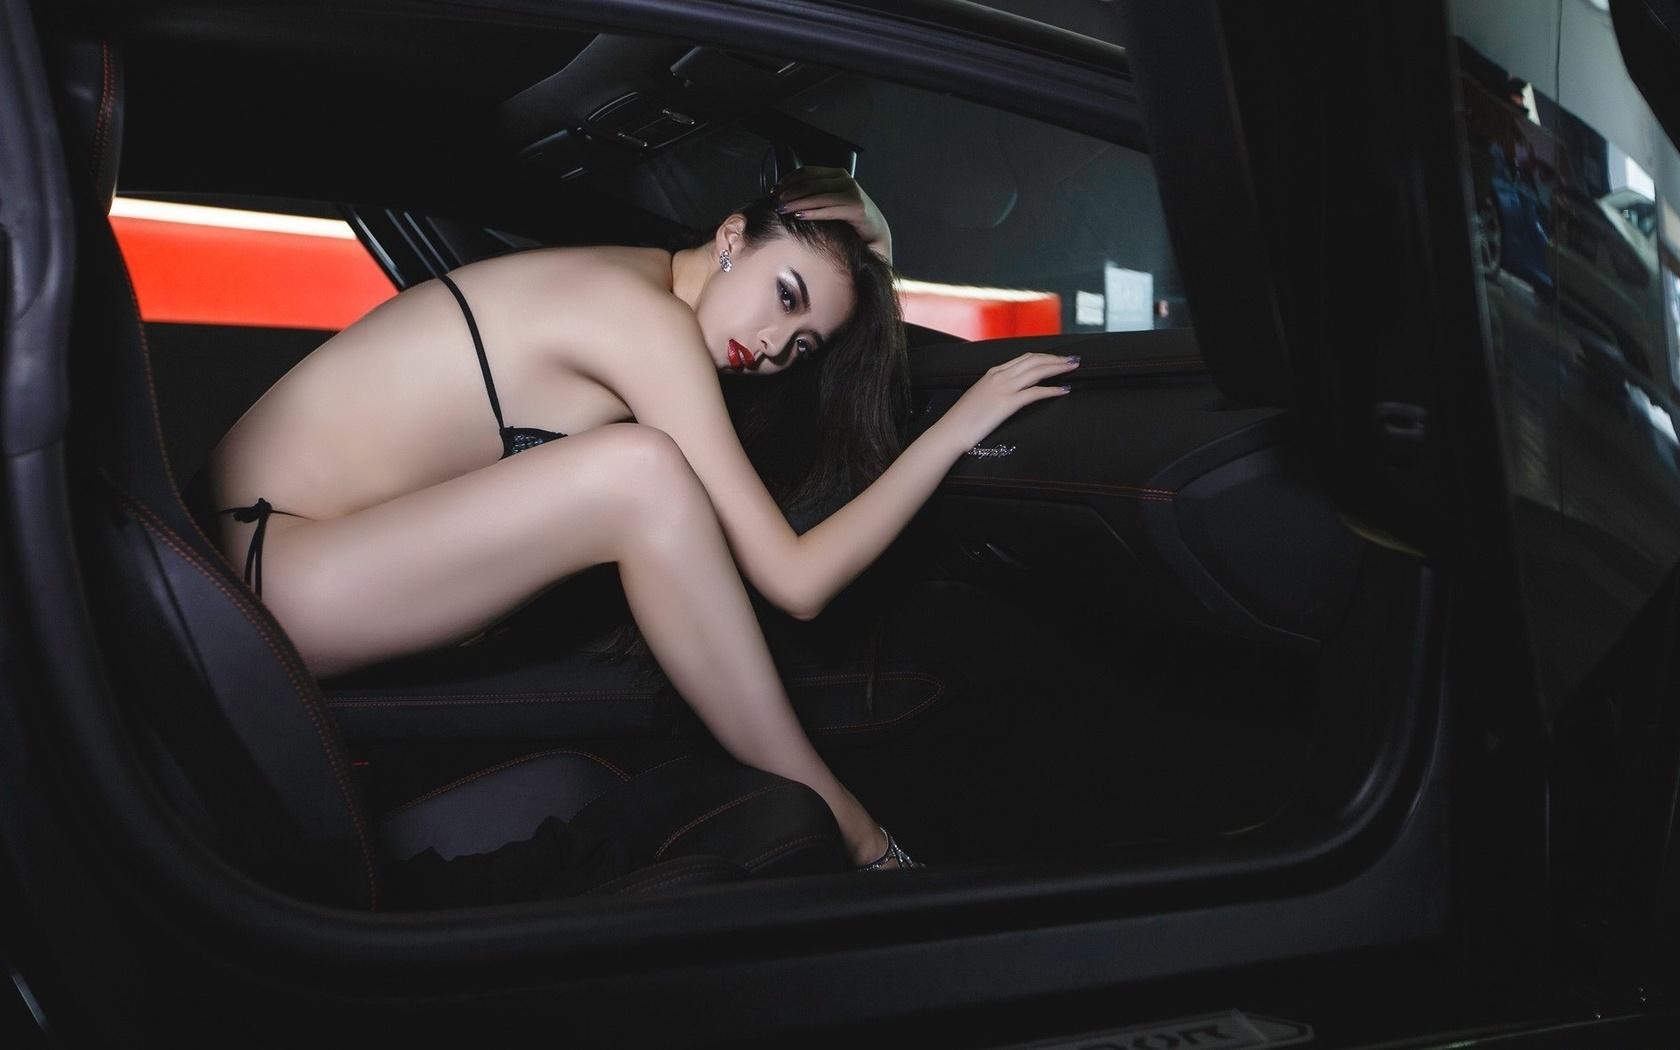 nesaporn nude girl